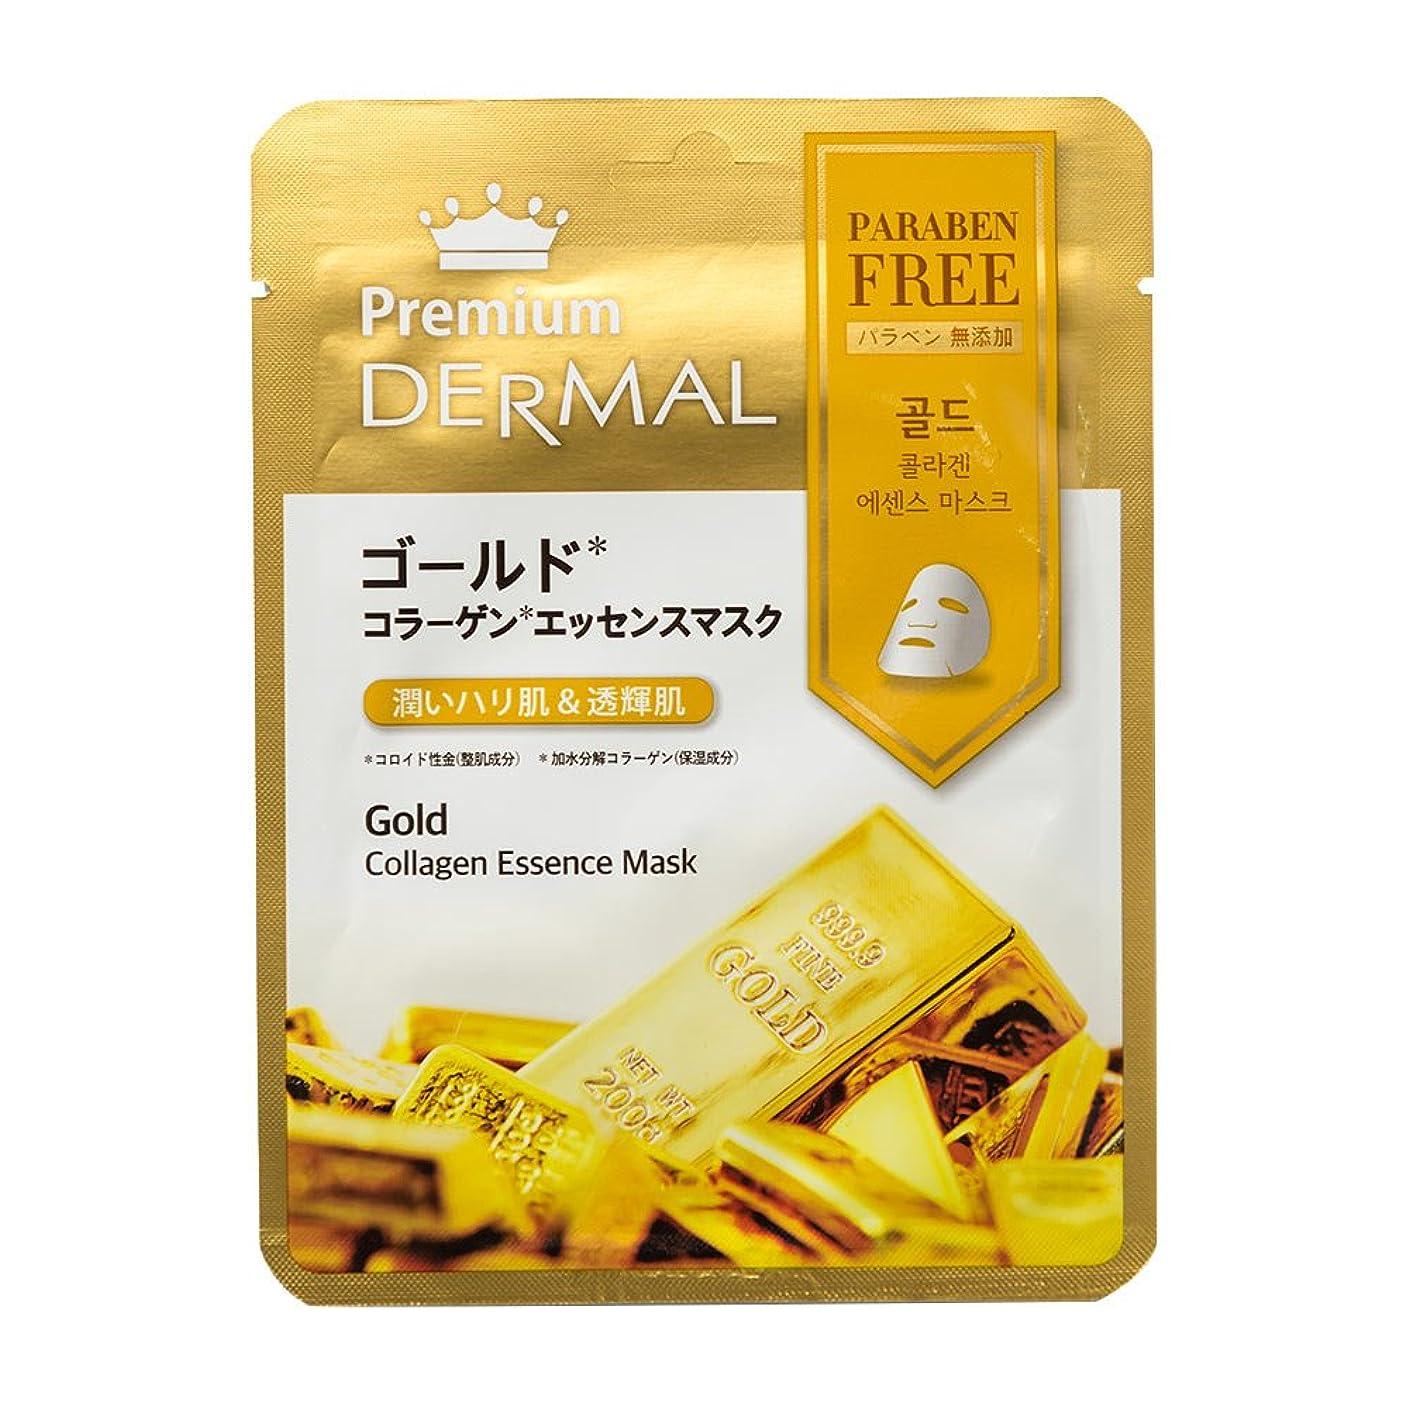 考える感じ薬局ダーマルプレミアム コラーゲンエッセンスマスク DP04 ゴールド 25ml/1枚